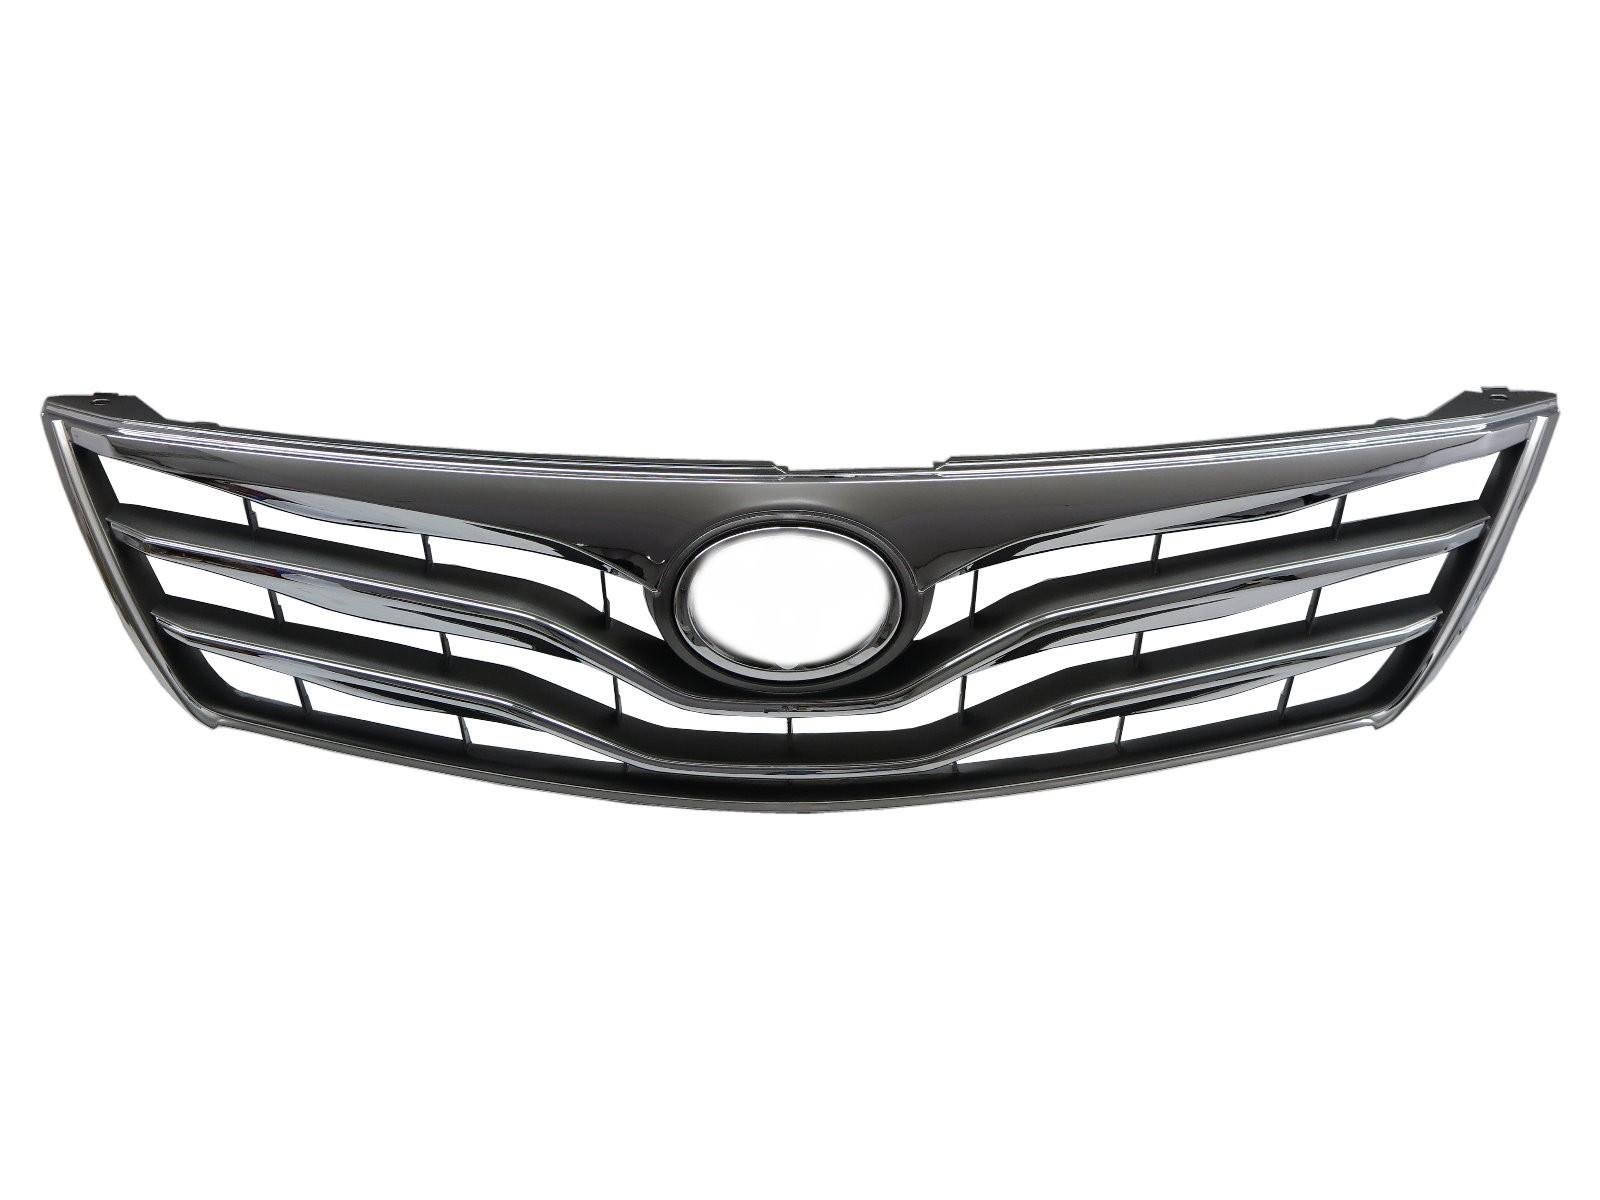 CrazyTheGod AURION XV40 2009-2011 FACELIFT Sedan 4D GRILLE/GRILL Chrome V2 for TOYOTA